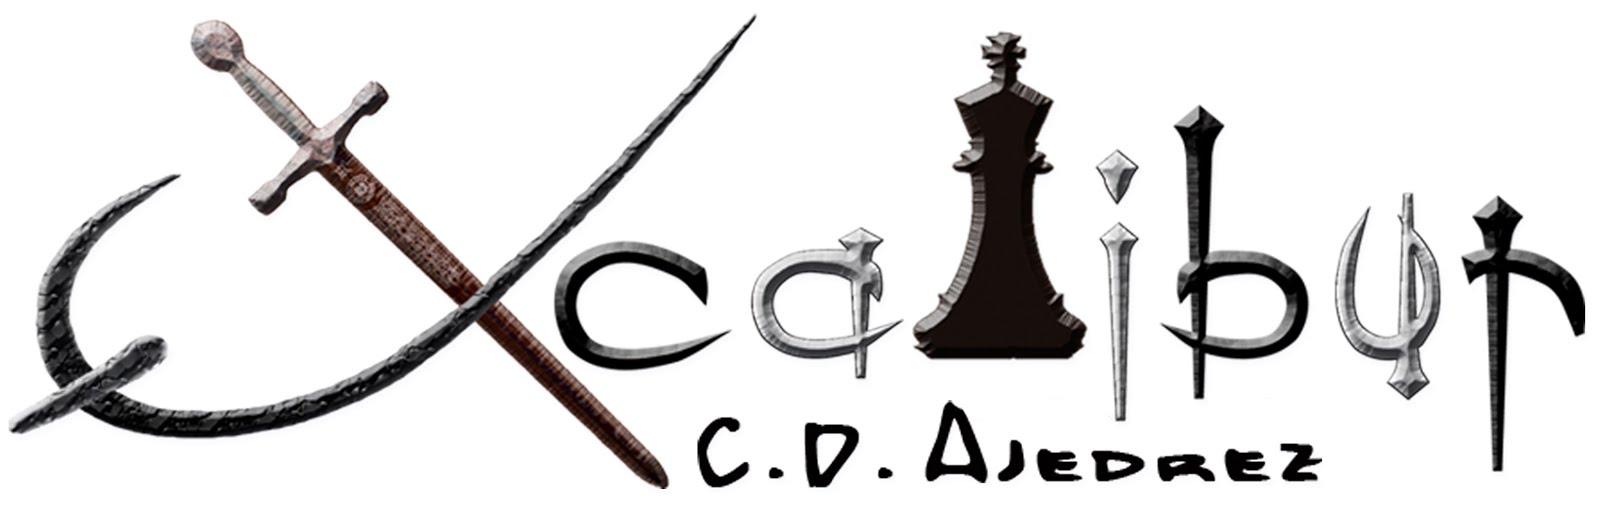 C.D. EXCALIBUR AJEDREZ ALBACETE